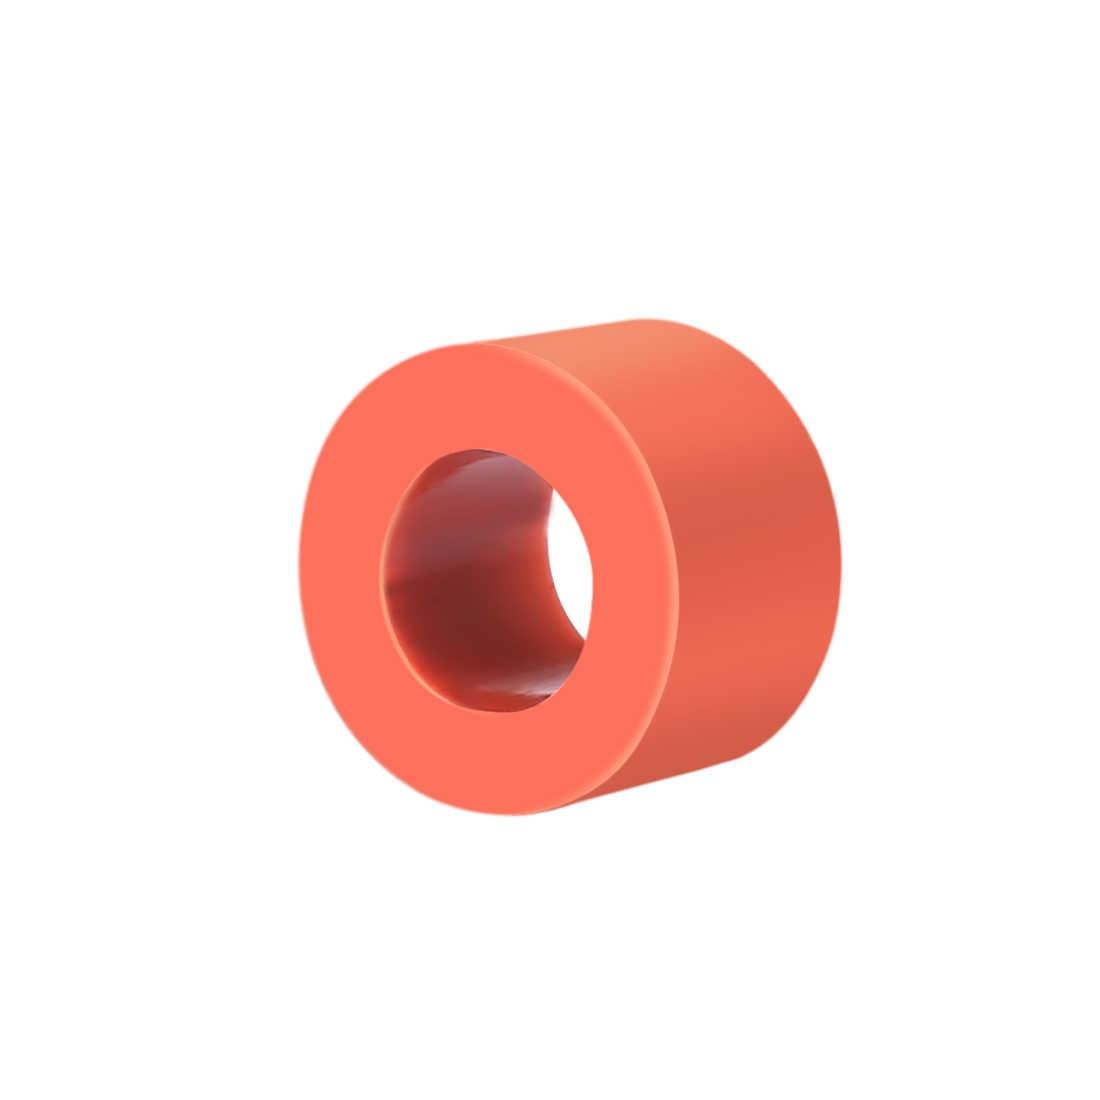 9,5mm Äußere Barrel Genaue Barrel Dämpfung Stabilisiert Schleife Stabile Ring für Wasser Gel Perlen Blaster